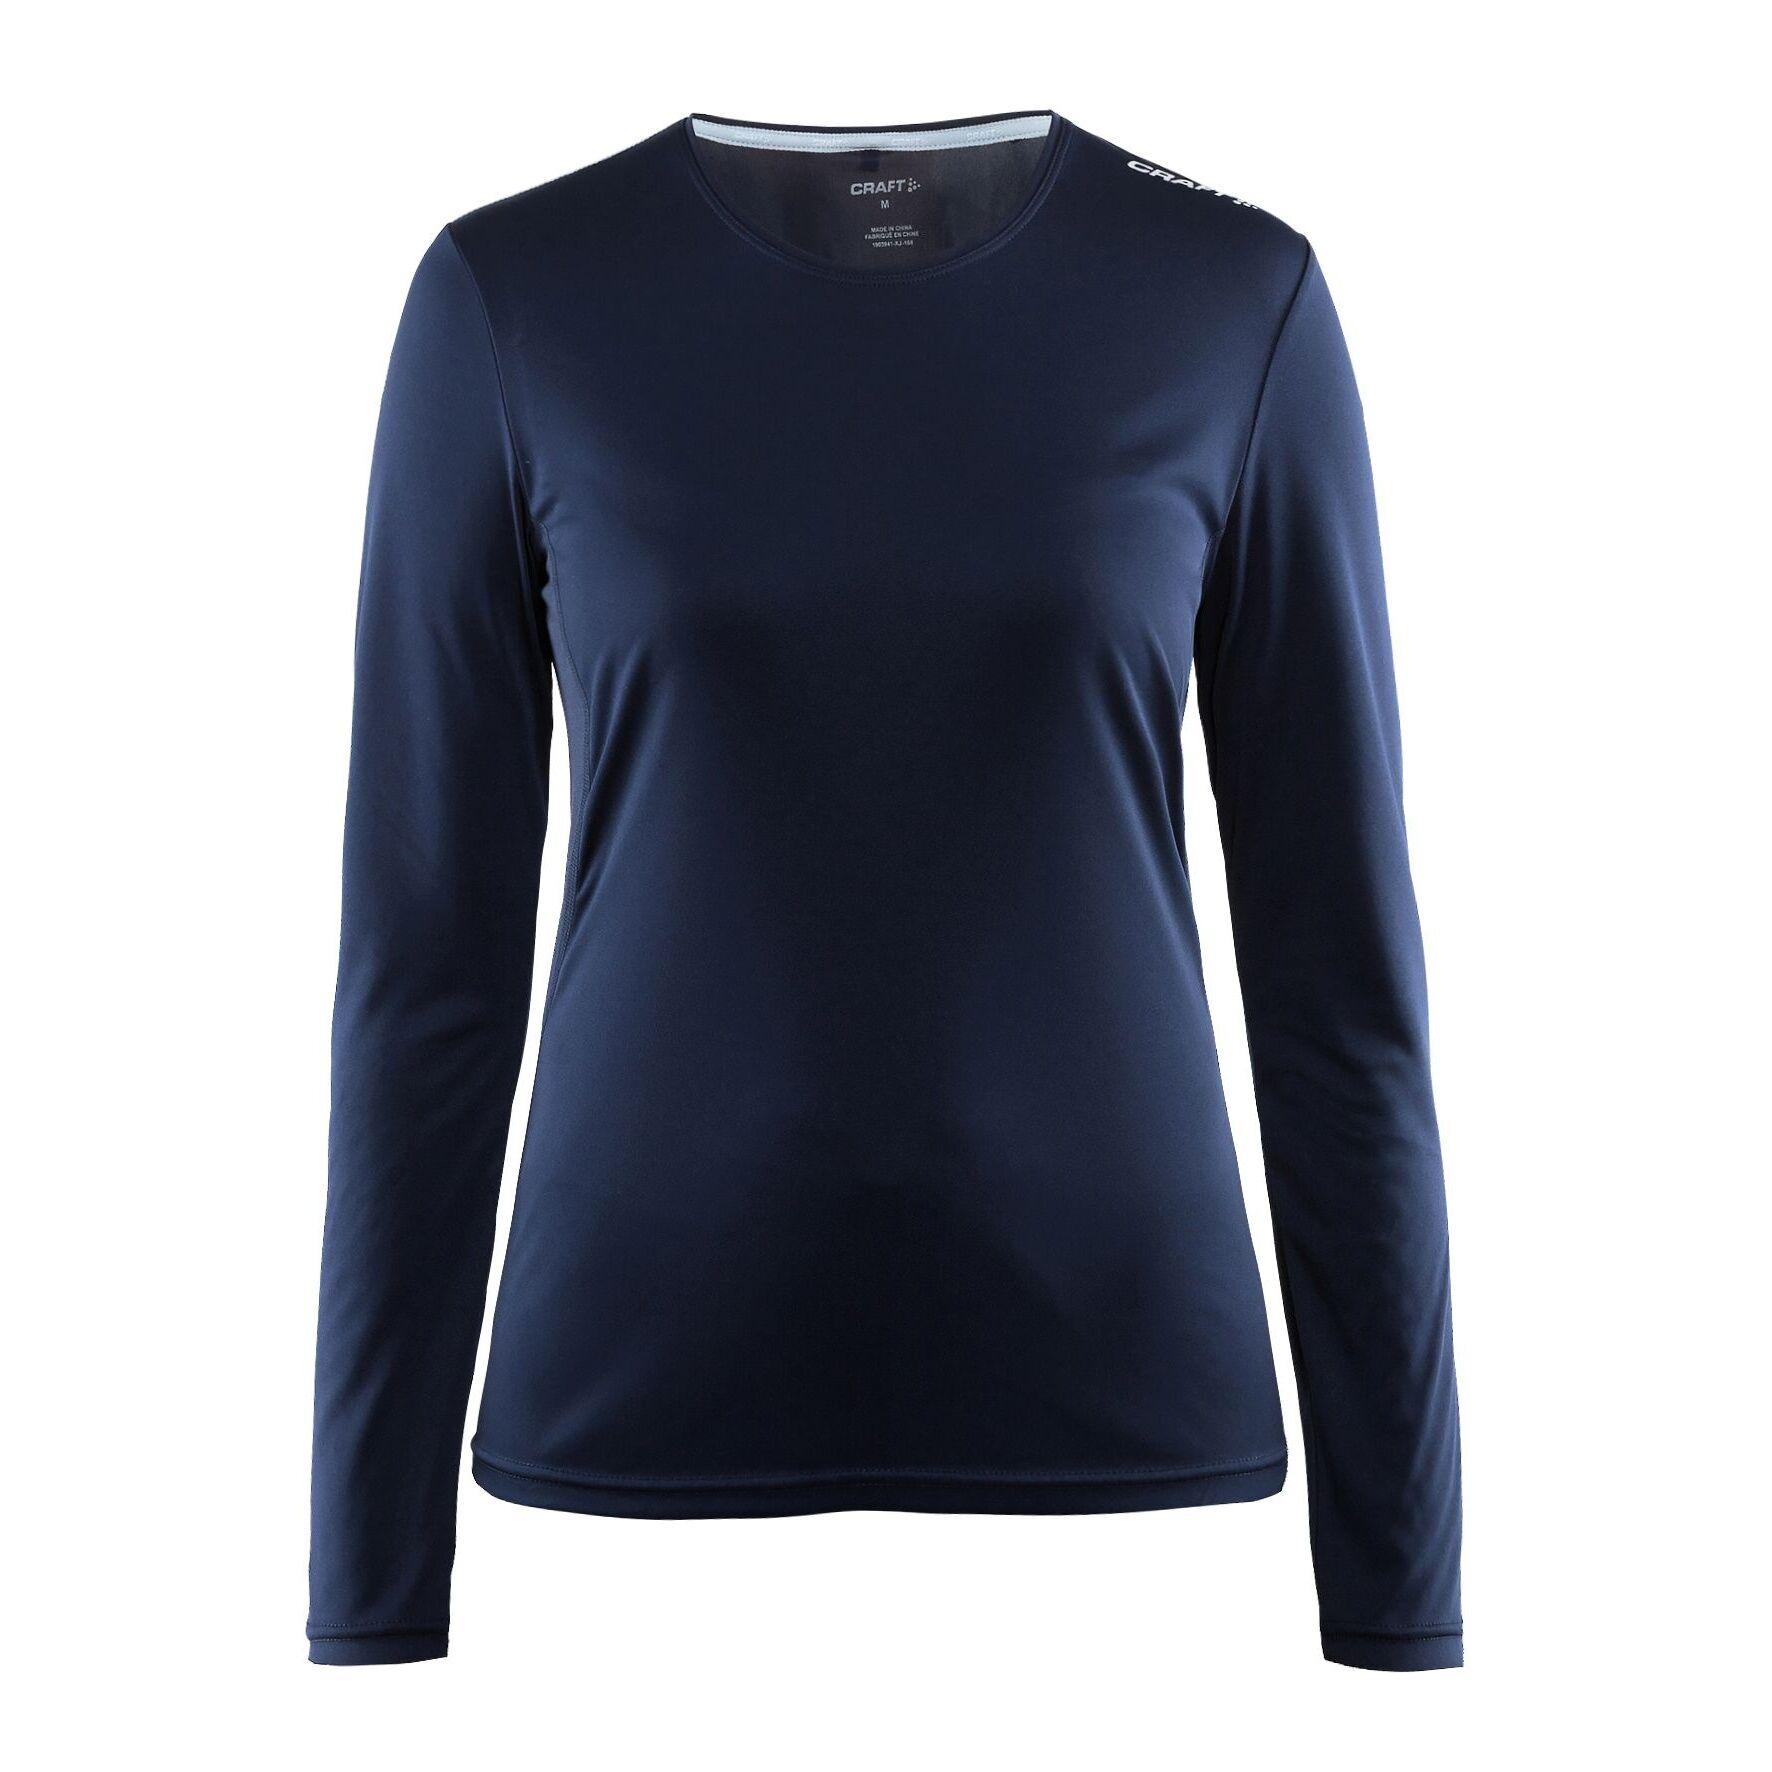 Craft - T-Shirt À Manches Longues - Femme (Bleu marine) - UTRW6158